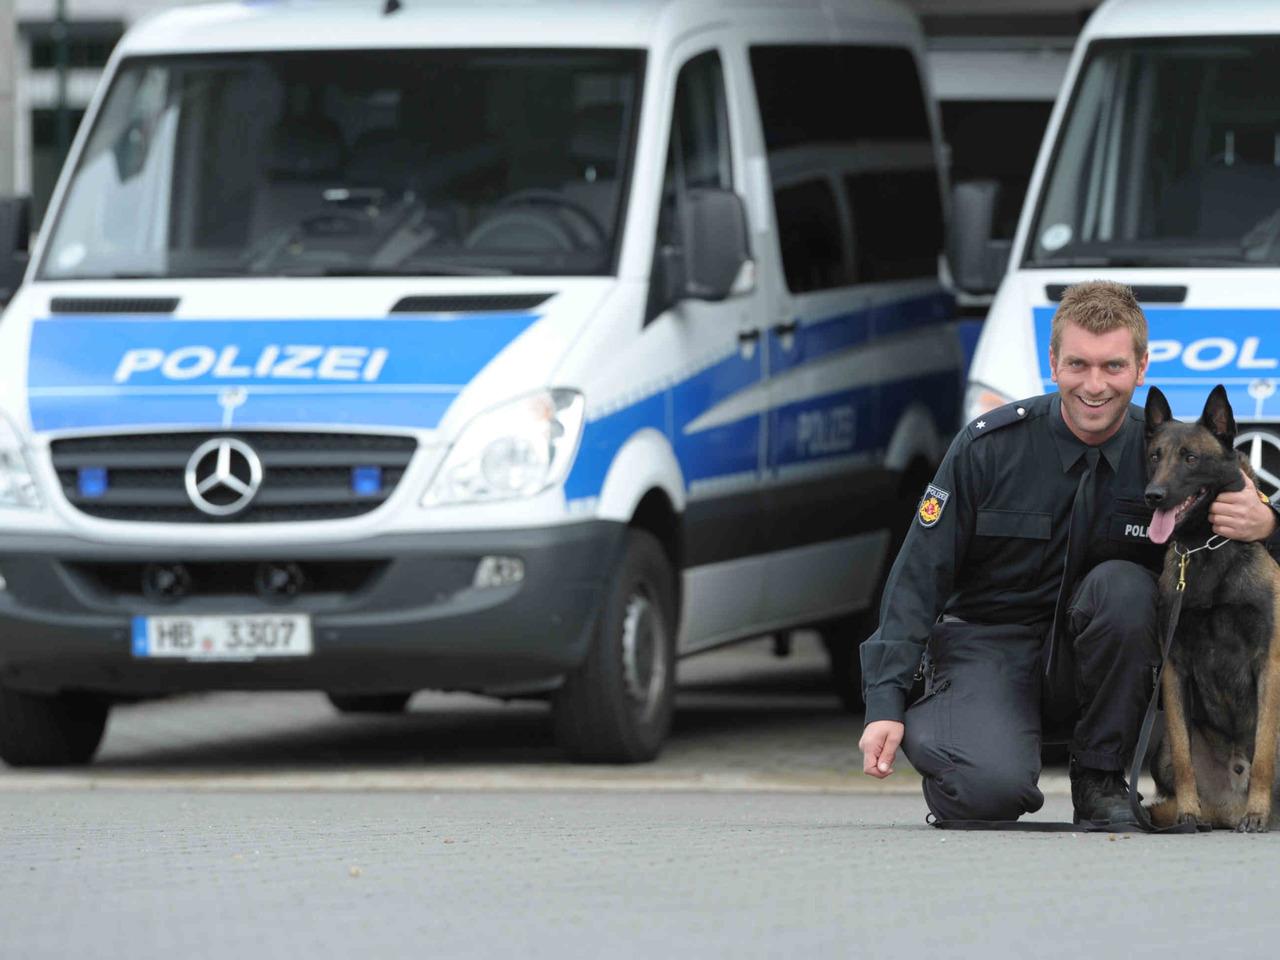 polizei bremen bremen aber sicher bewerbungsportal - Polizei Bremen Bewerbung